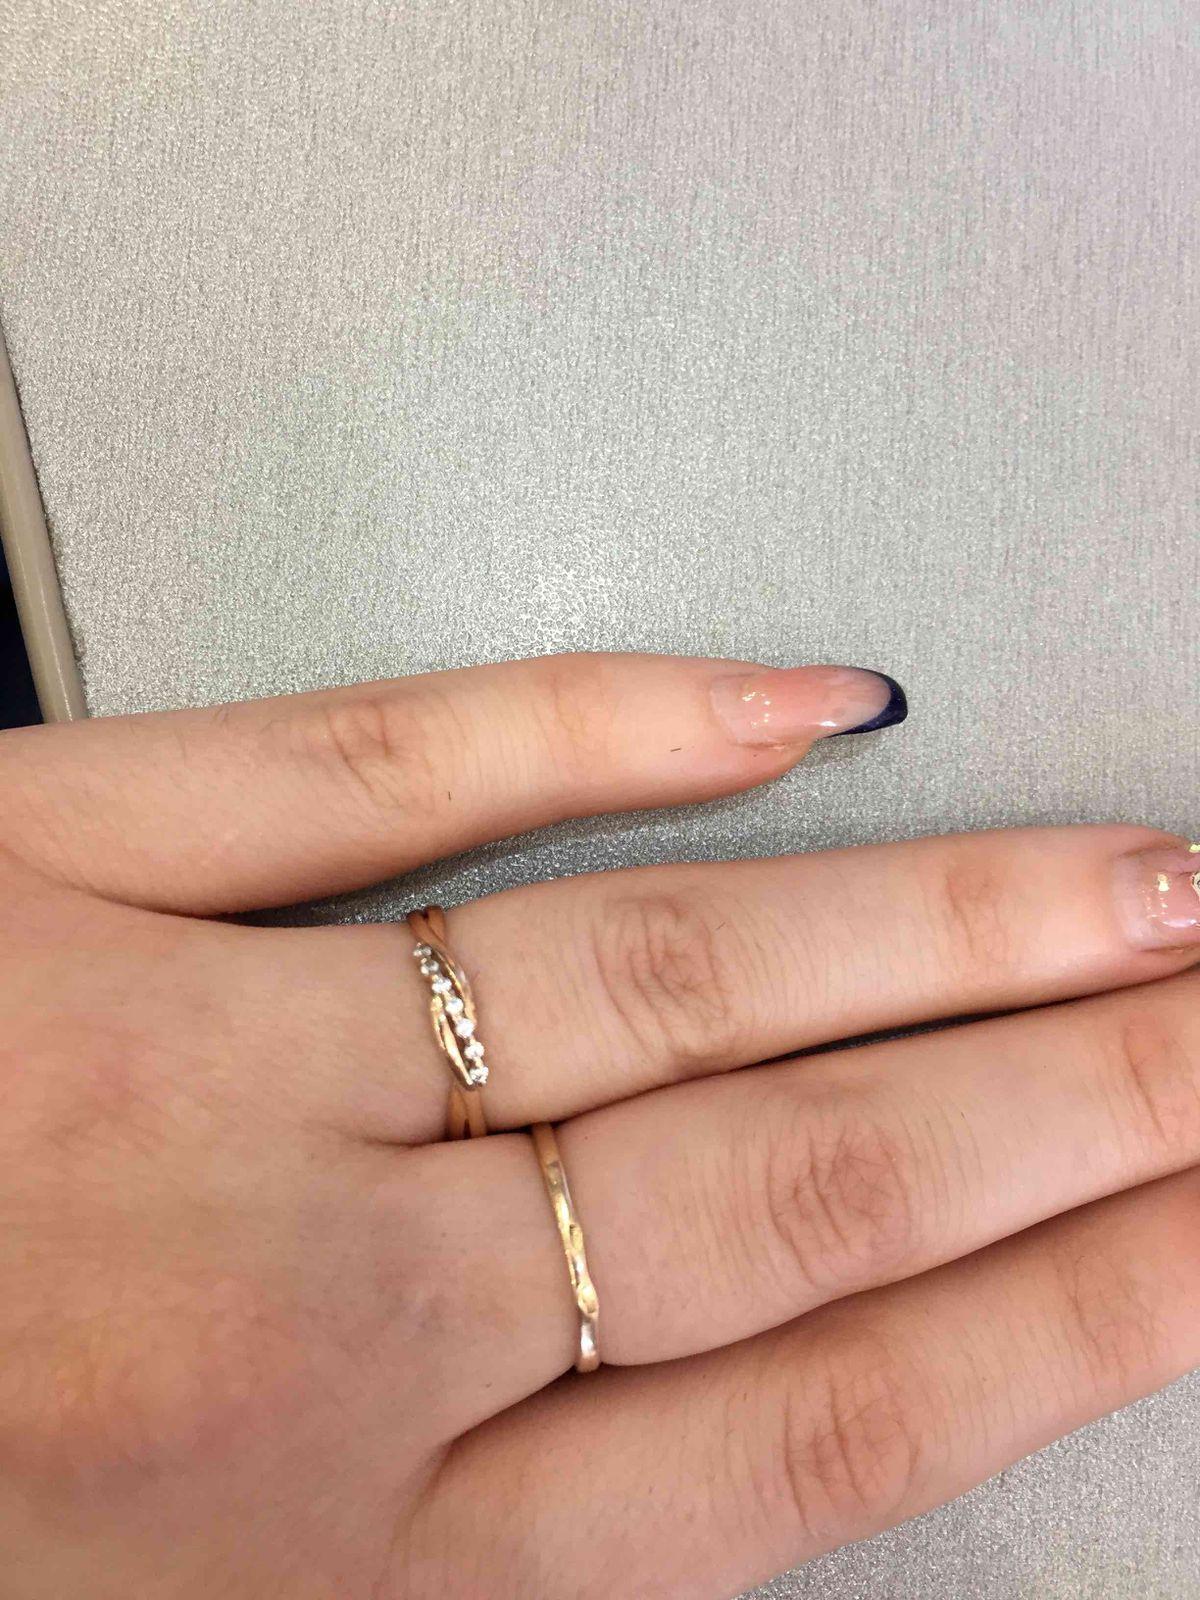 Кольцо мне в подарочек на день рождения